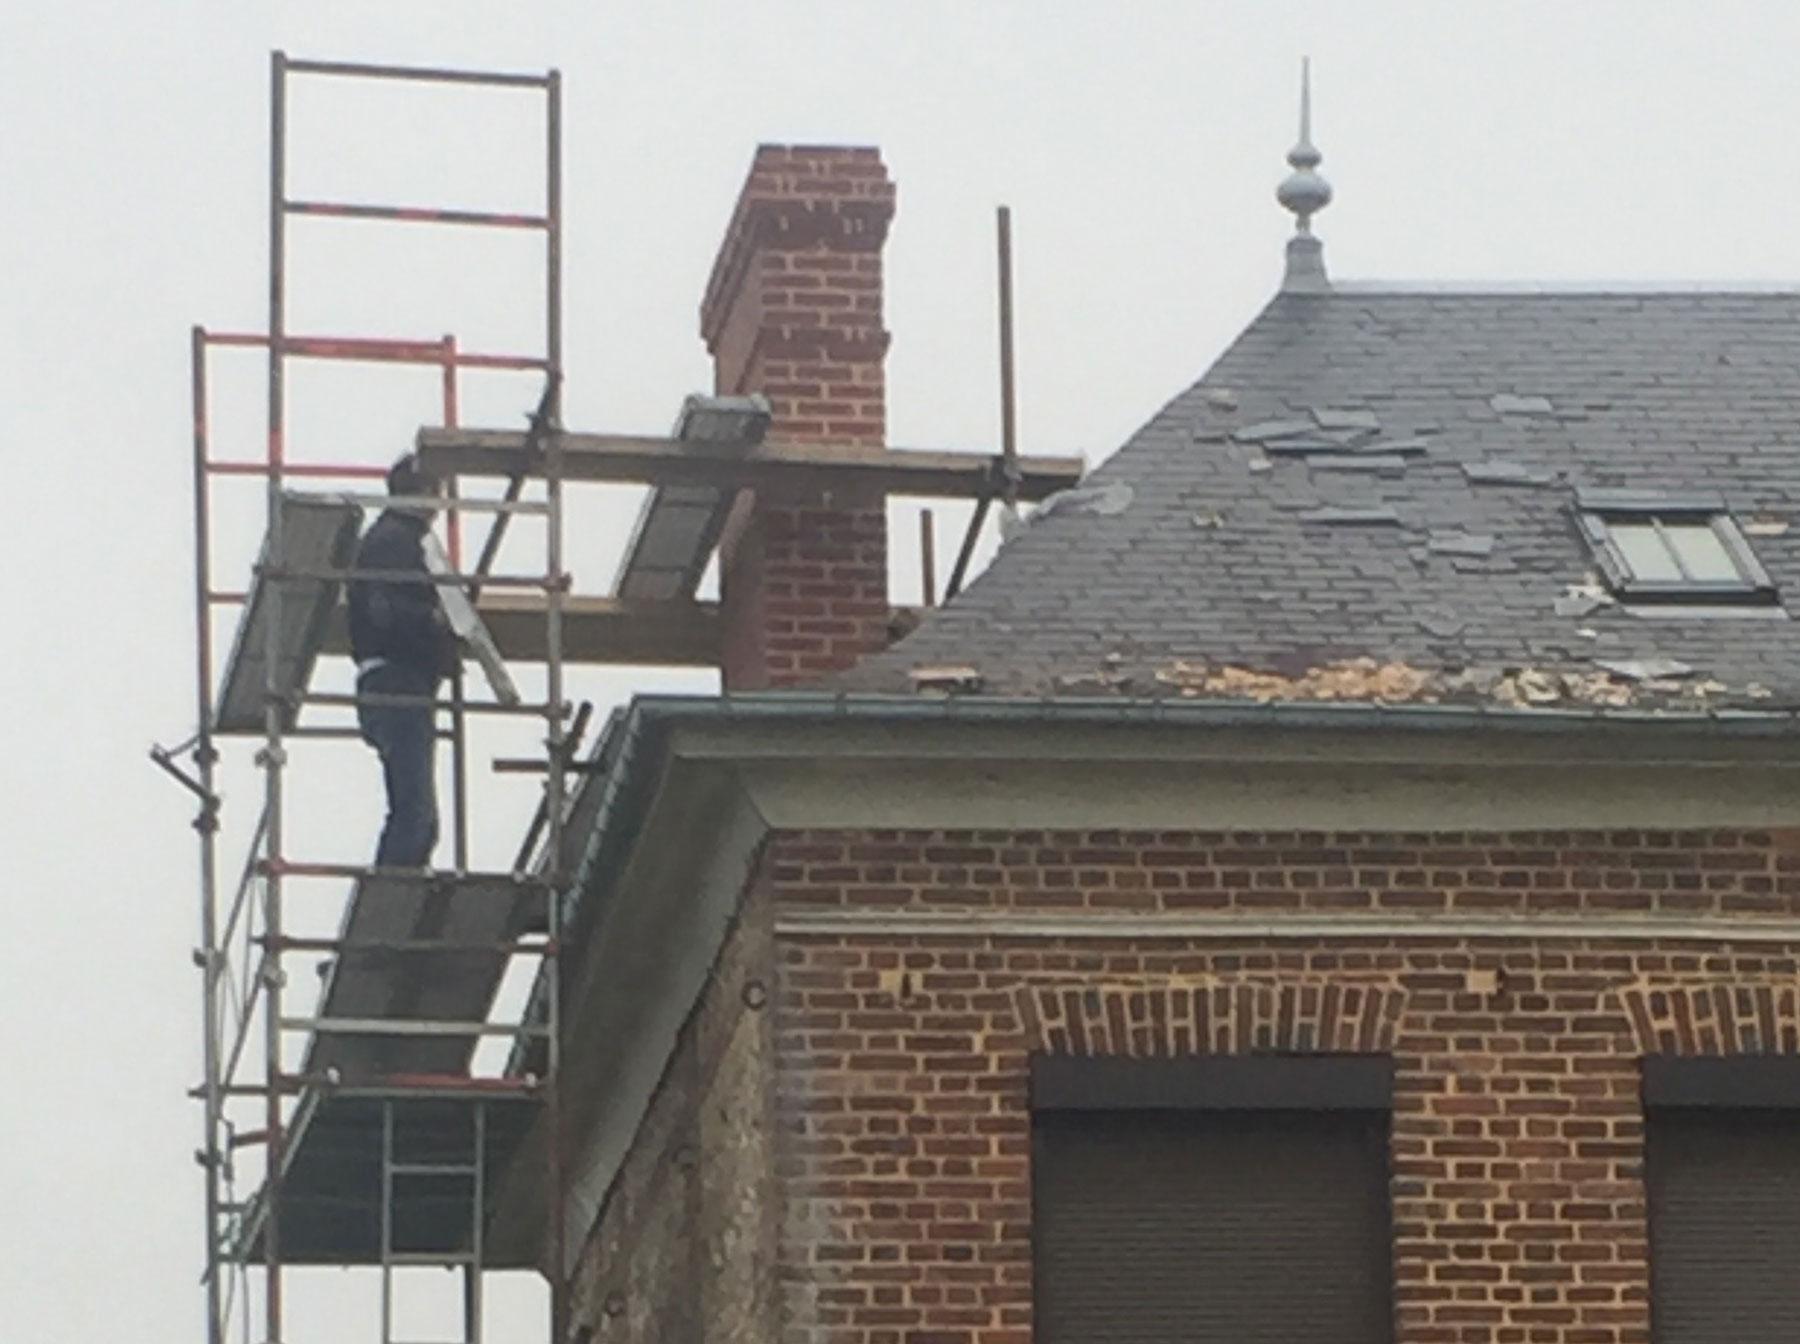 La souche de cheminée a été complètement restaurée